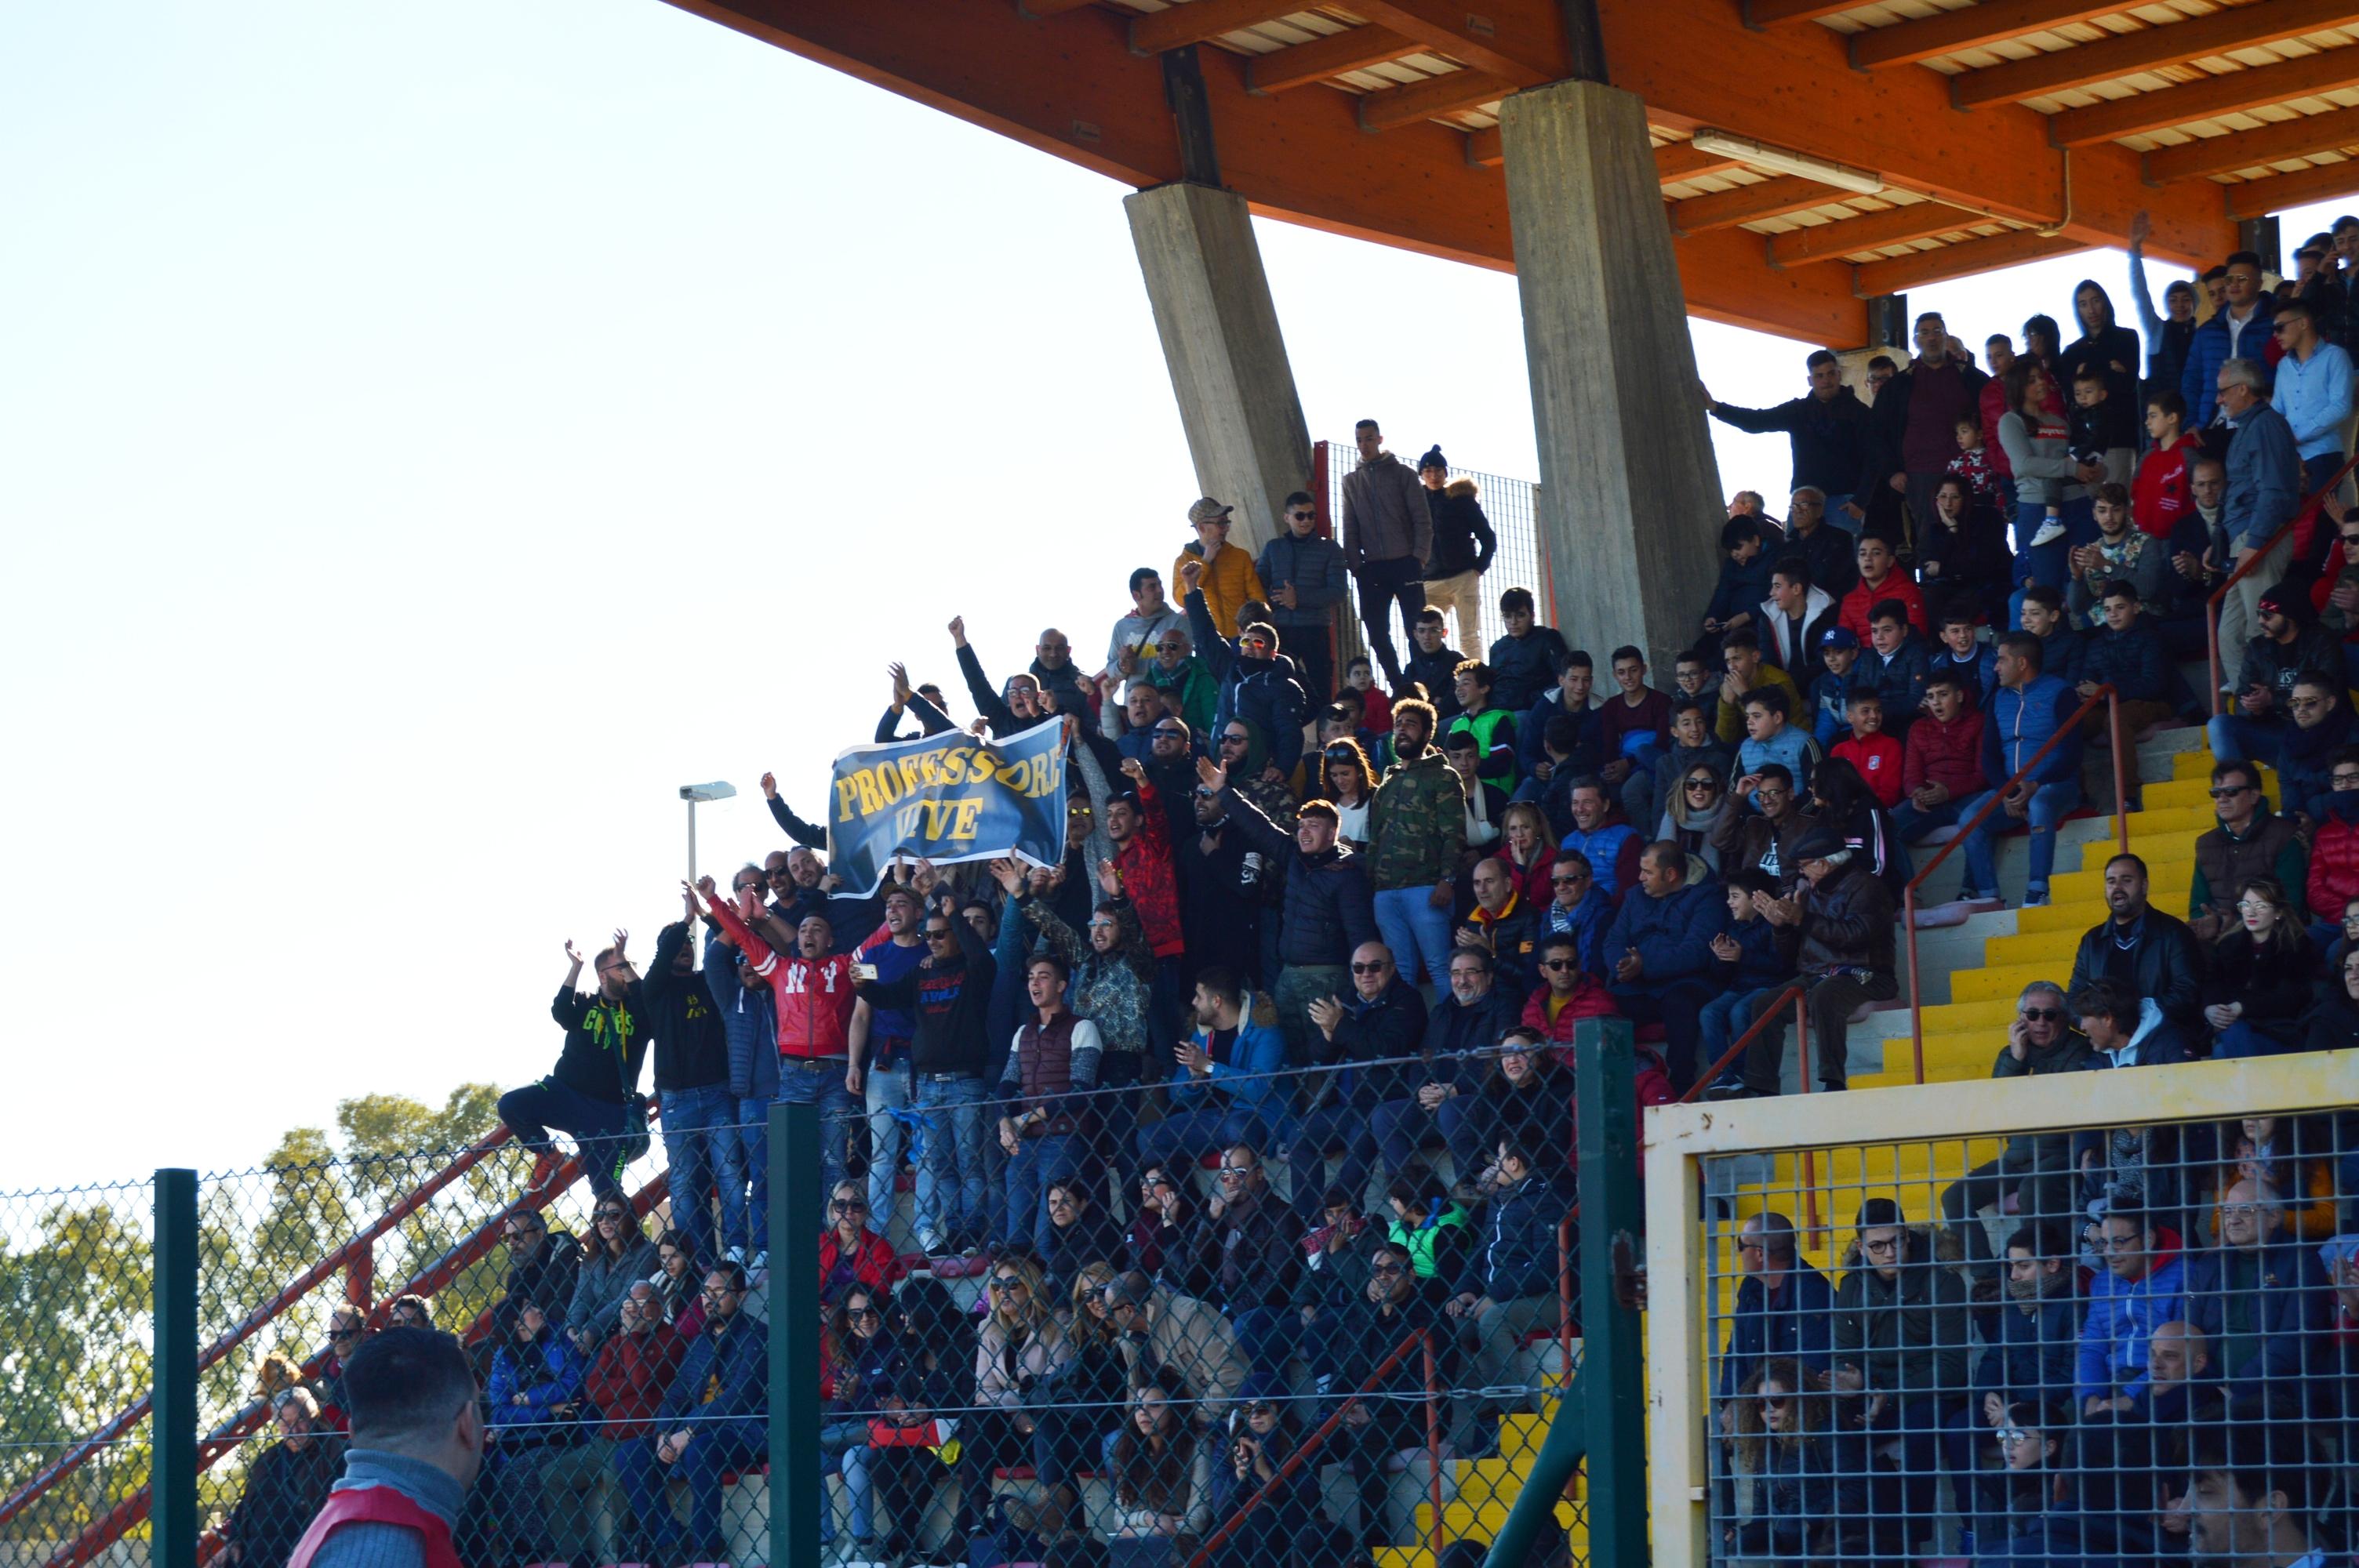 Domenica di festa ad Avola per lo stadio ma il derby lo vince il Noto ( 1 - 4) FOTO